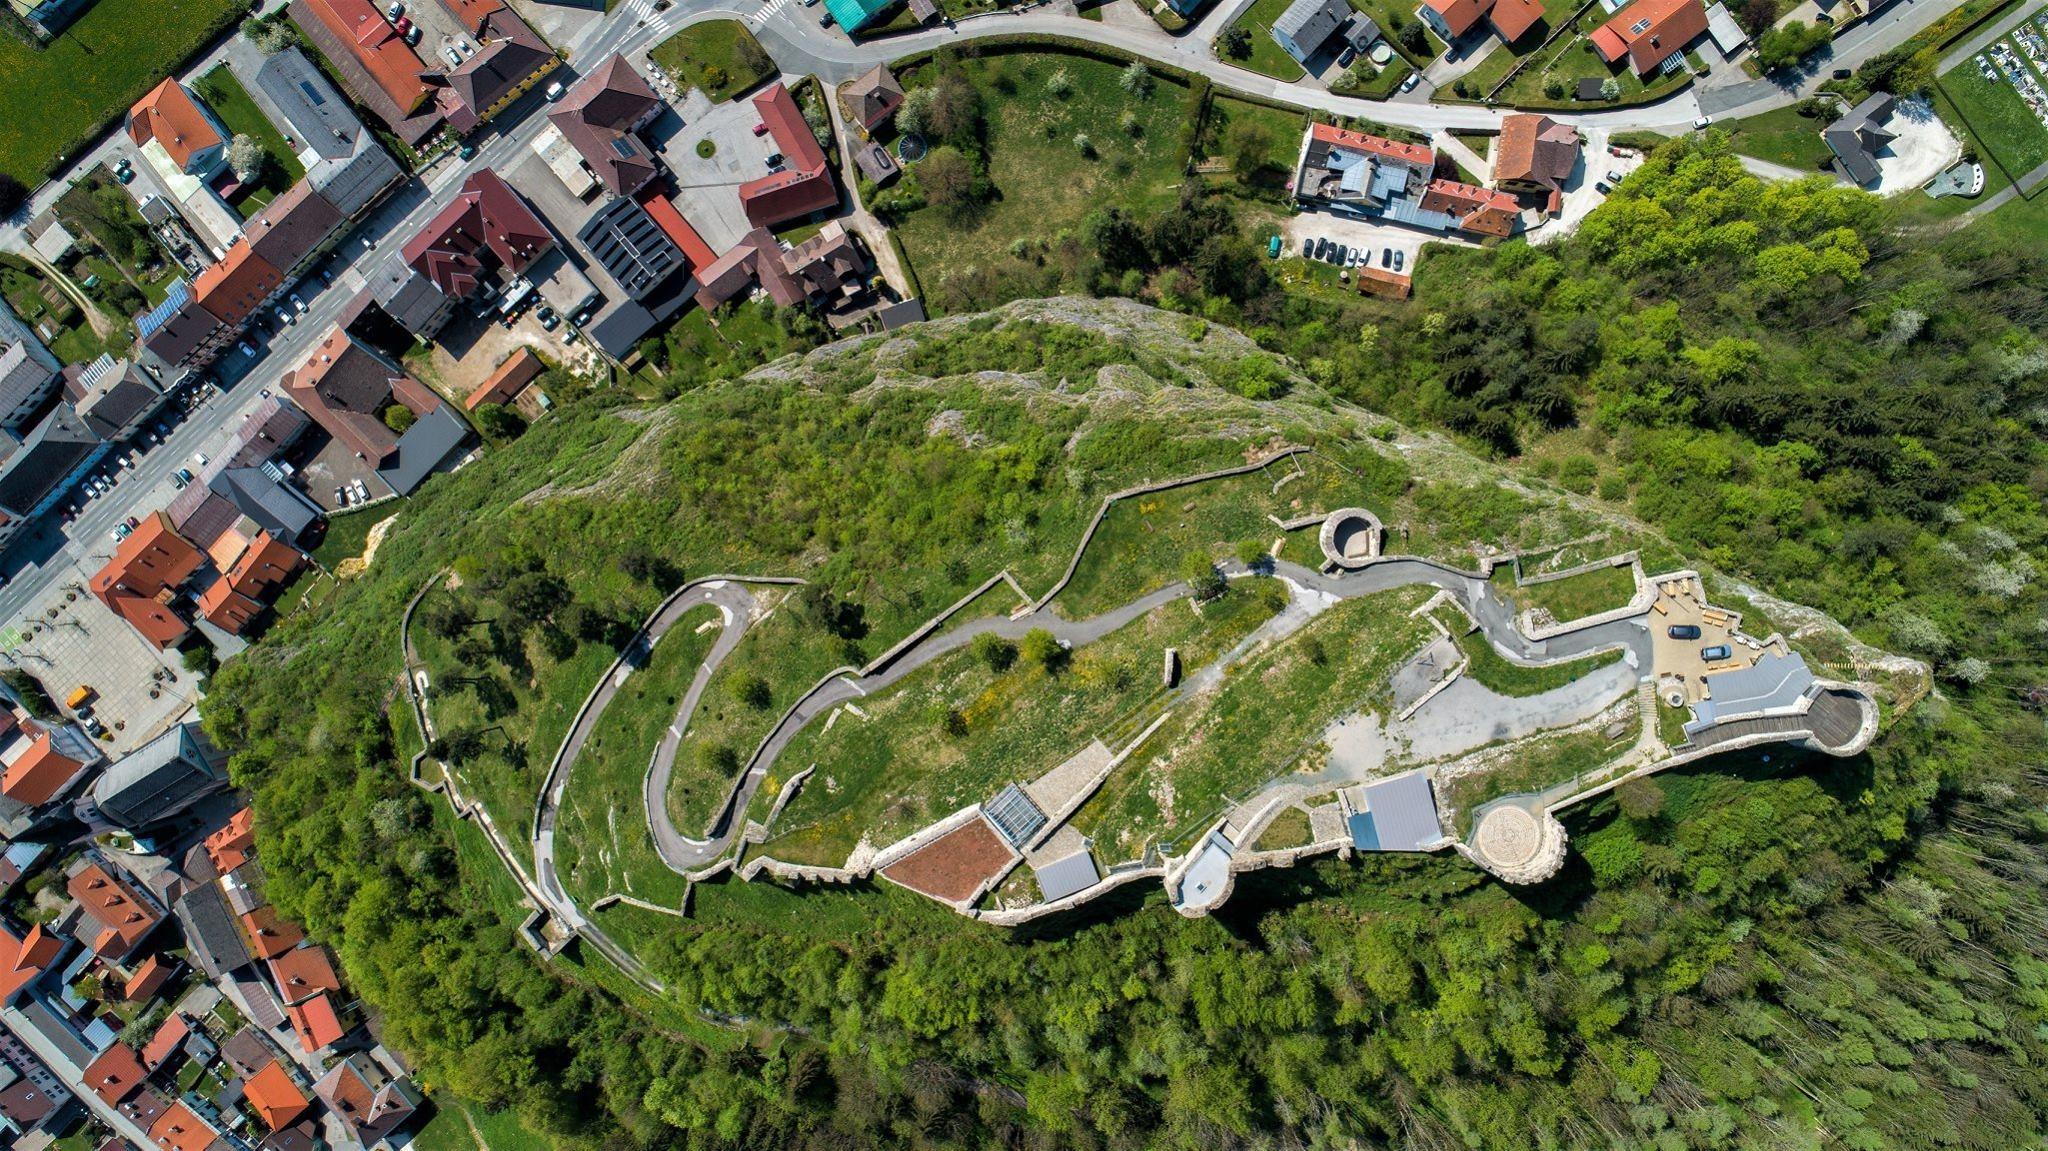 Klettersteig Griffen : Zwei slowenen mussten in griffen aus dem klettersteig geborgen